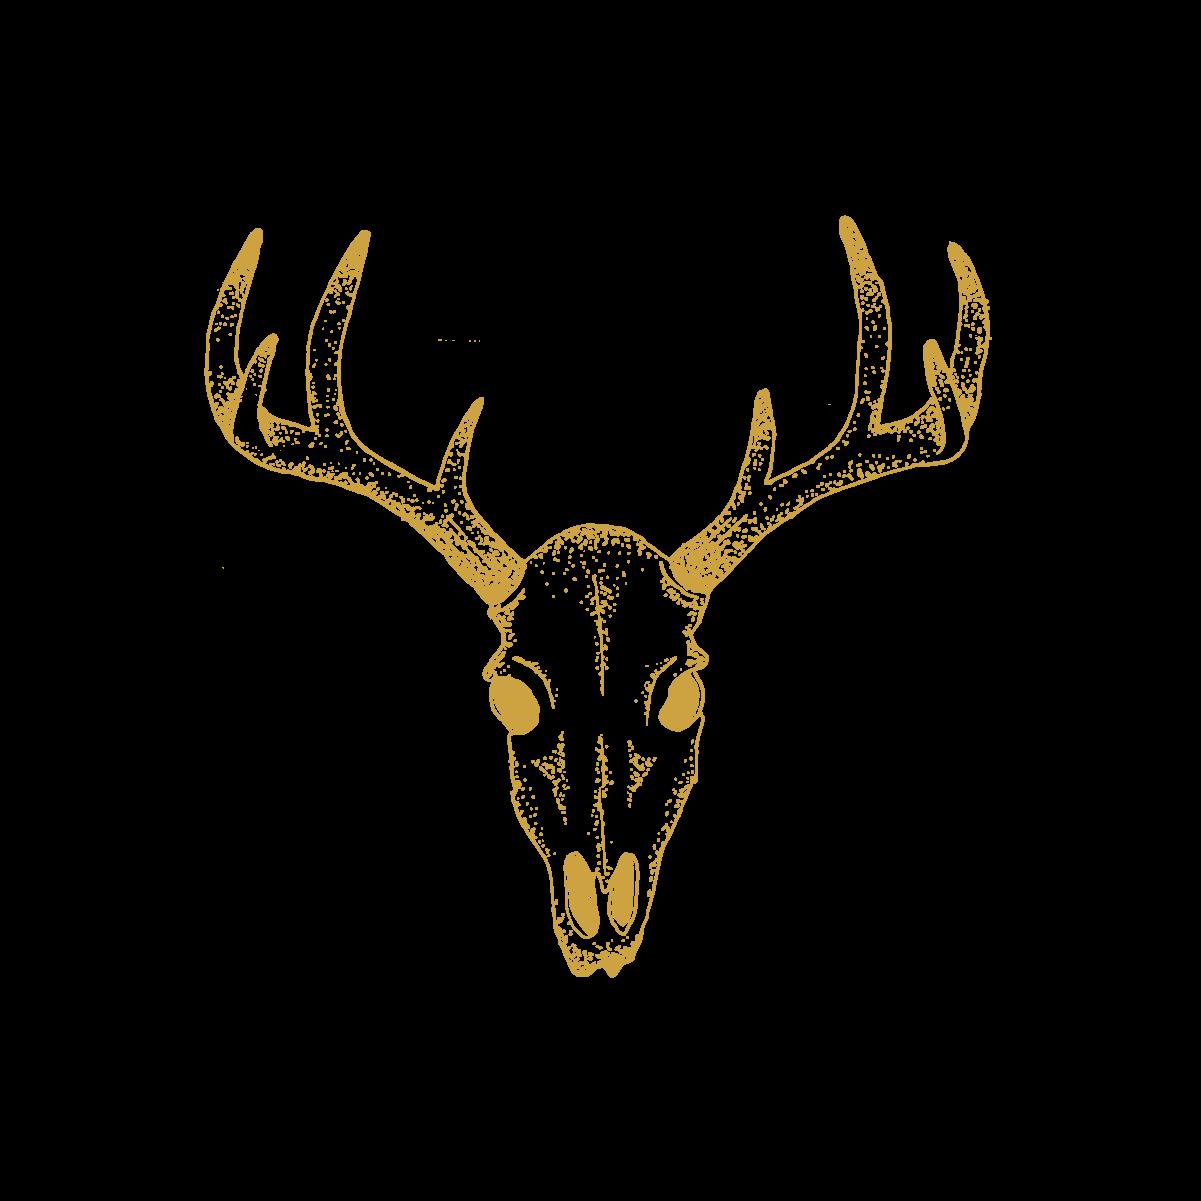 Blake_Logo2-14 copy 2.png